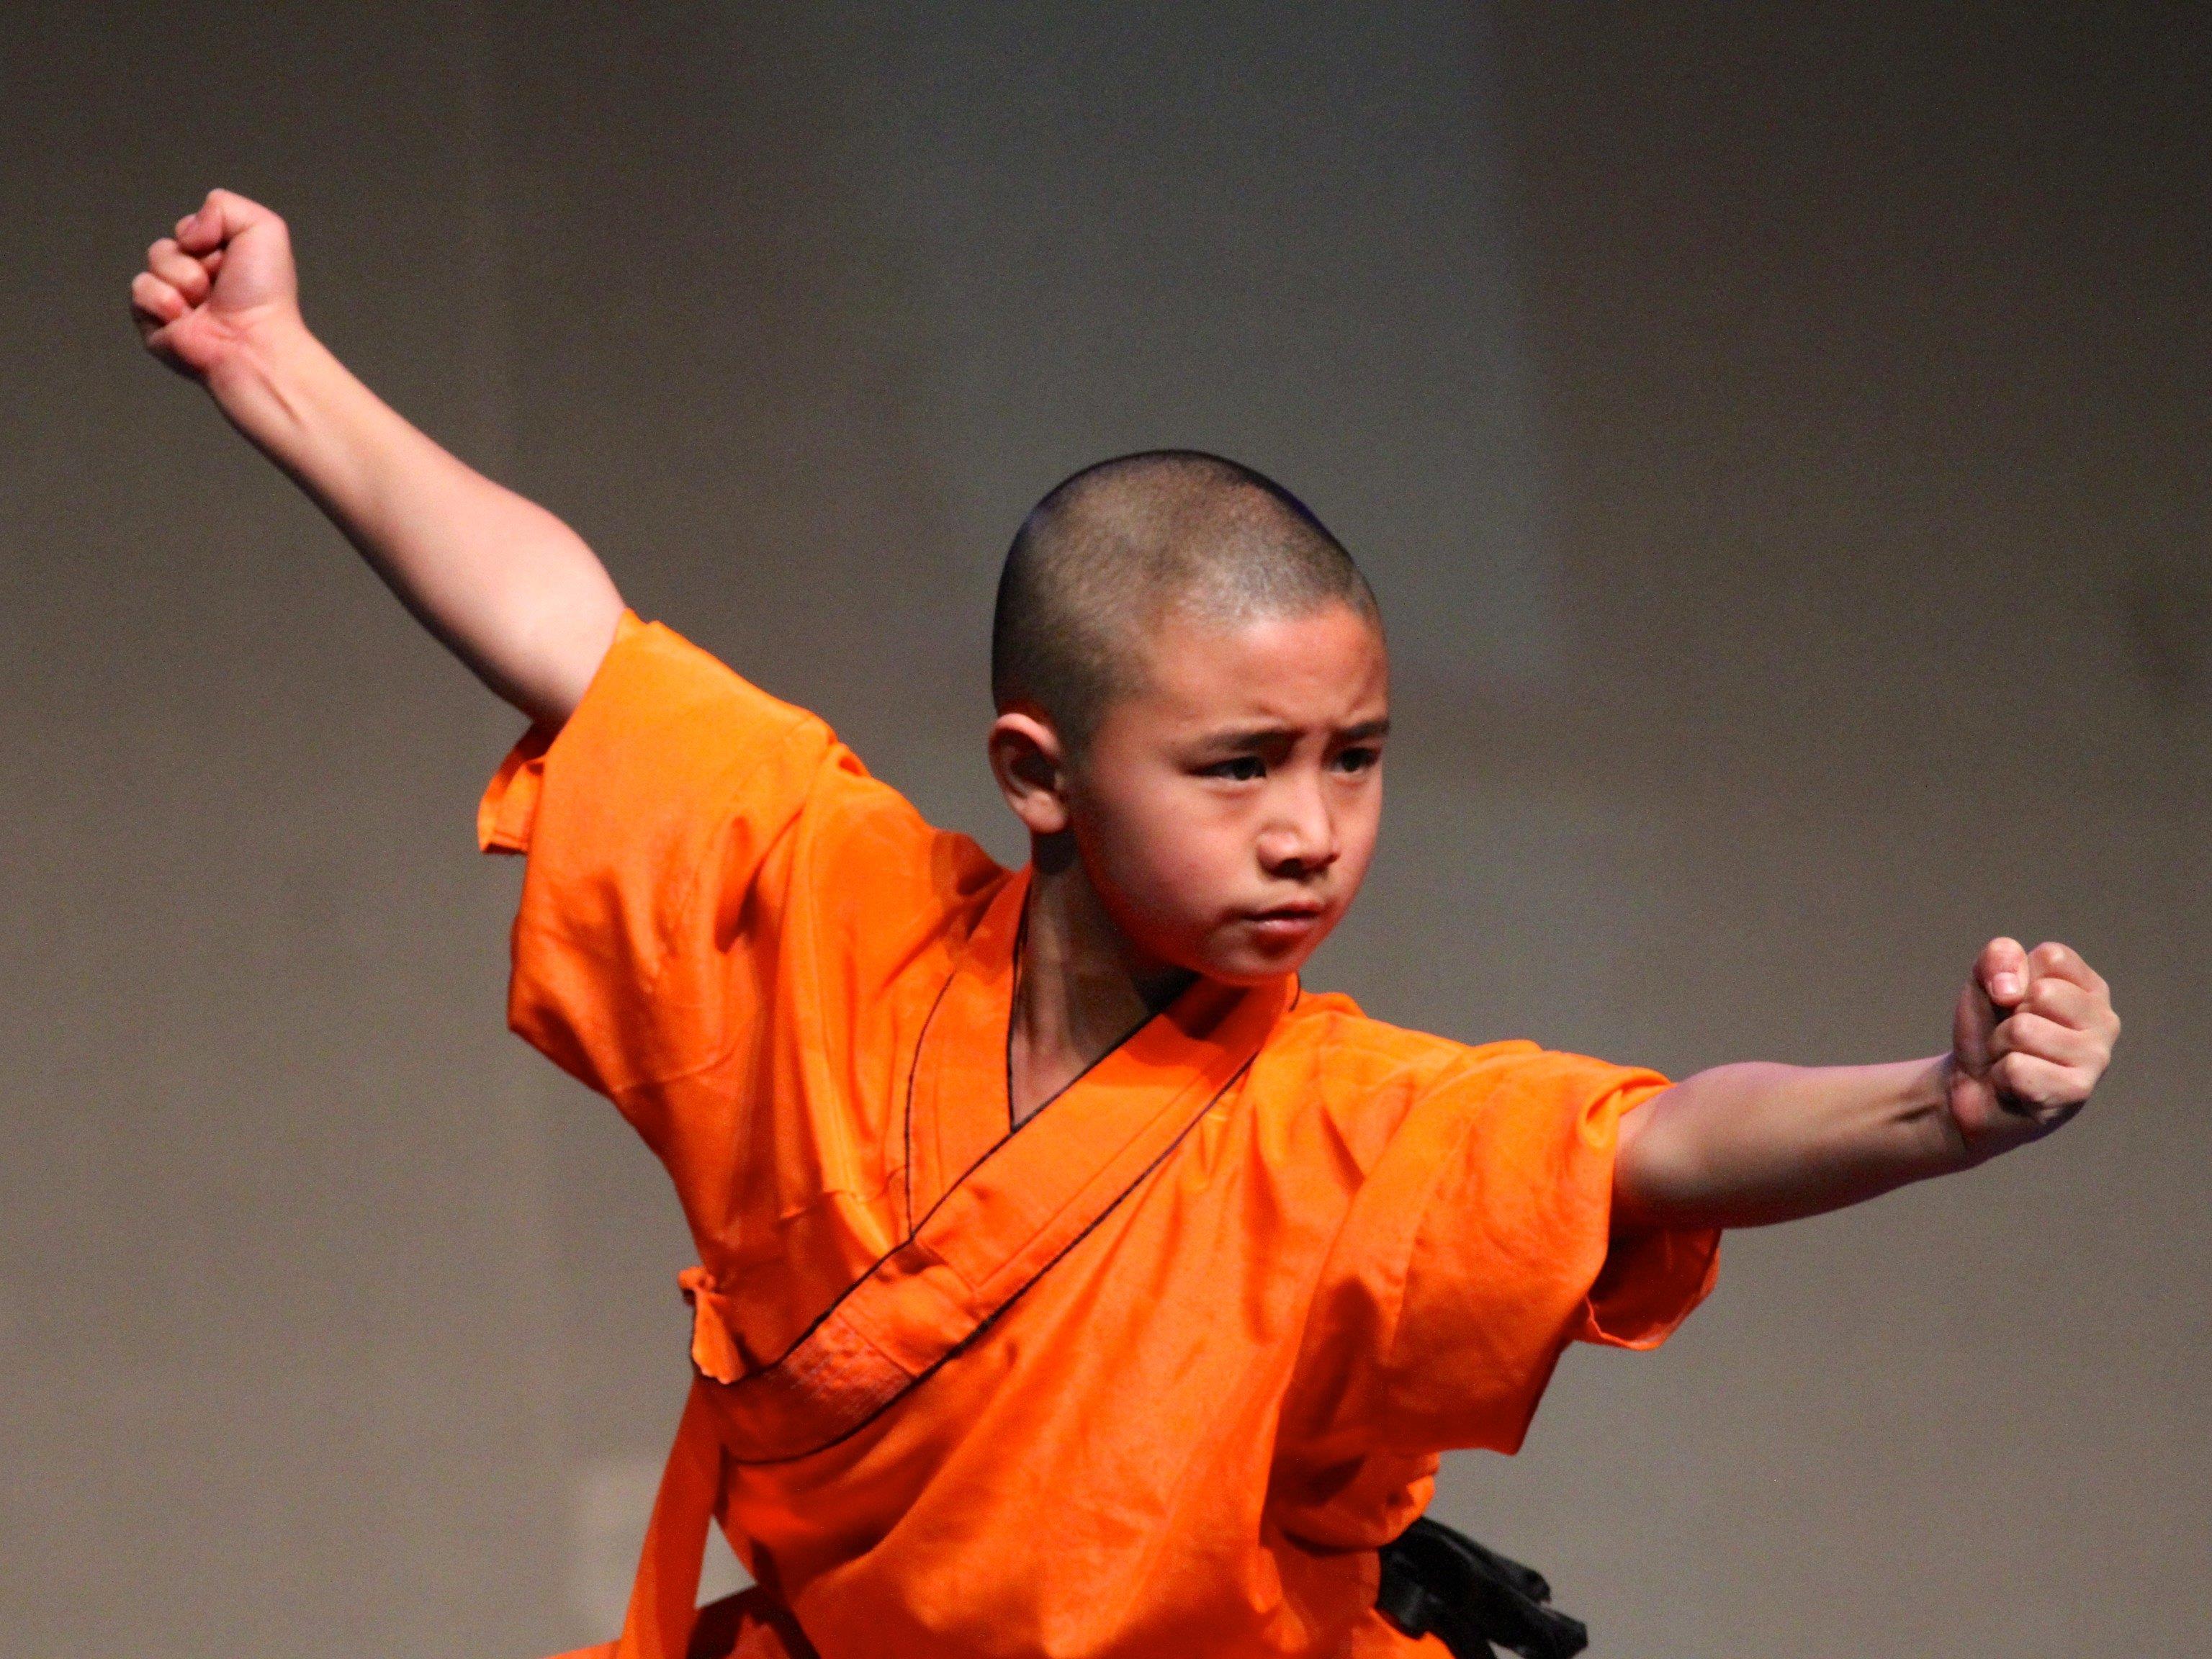 Besonders die jungen Kampfmönche stießen auf großen Beifall seitens des Publikums.